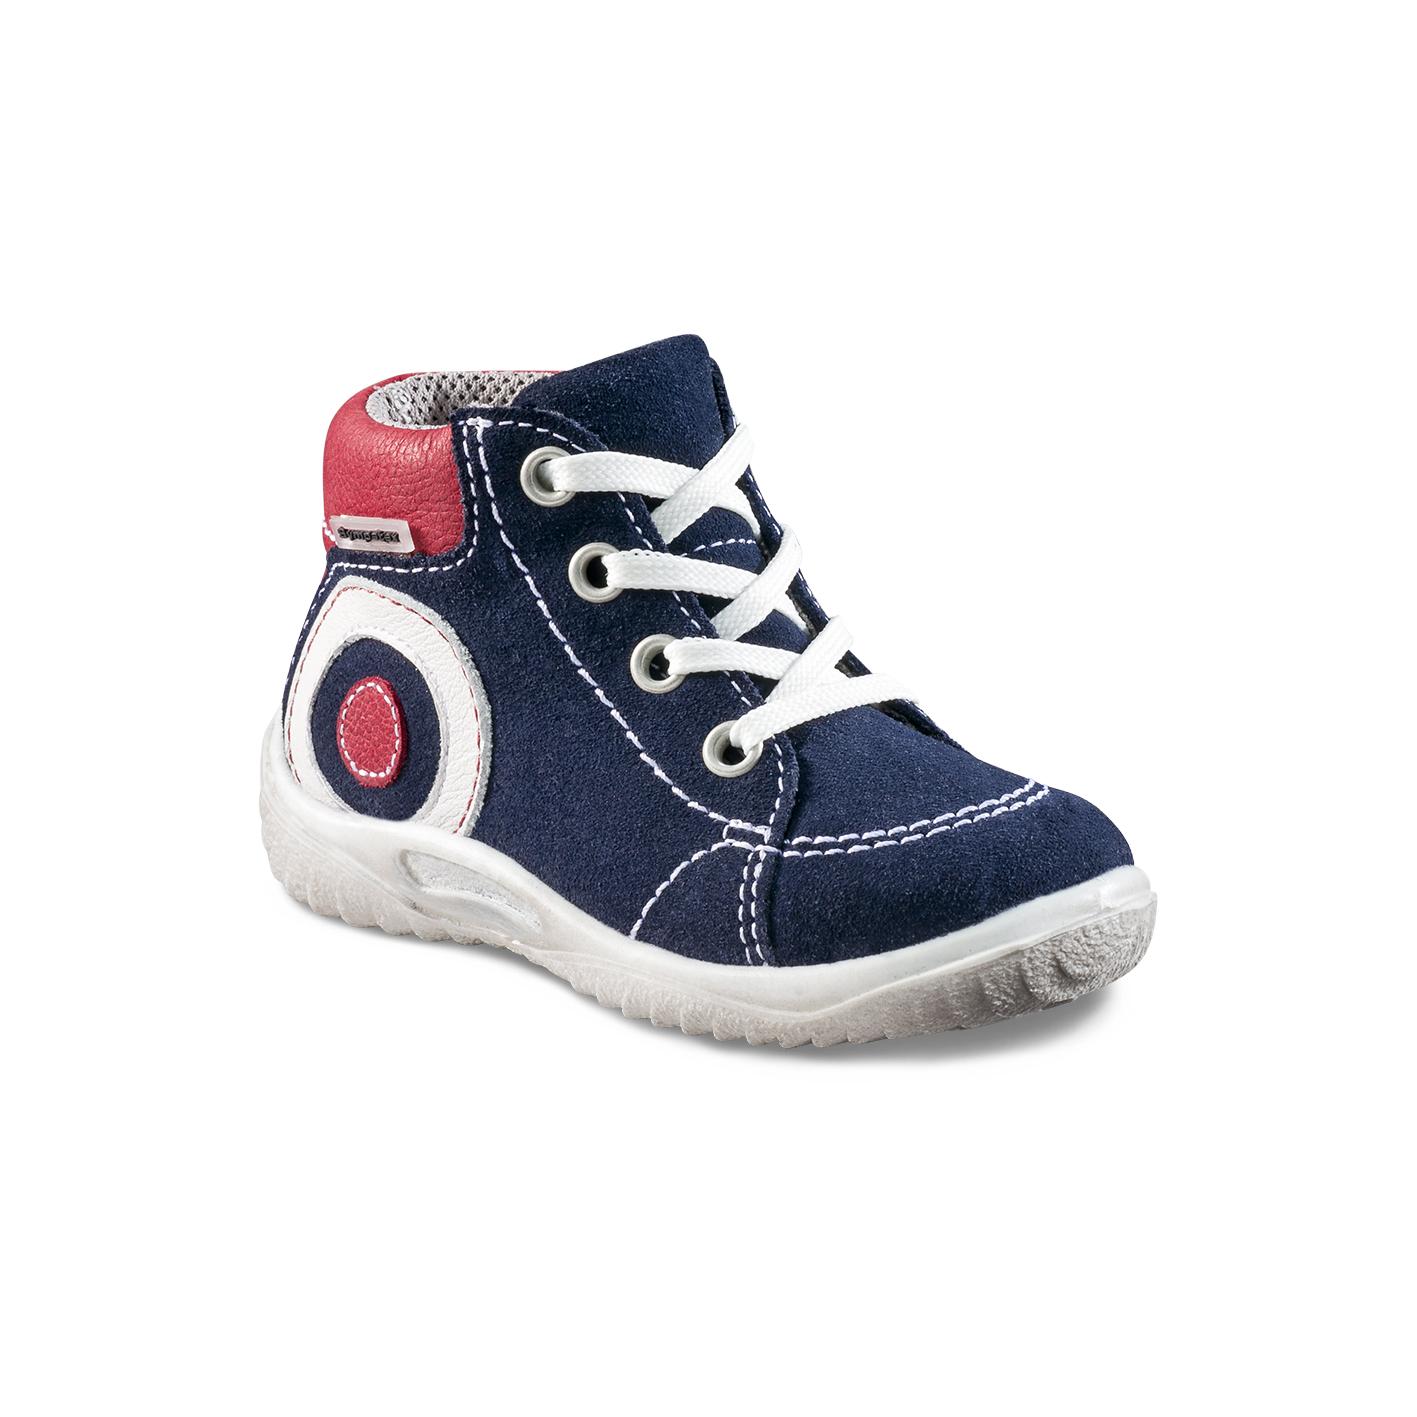 746d1e12712 RICHTER dětská celoroční obuv 429731720 empty